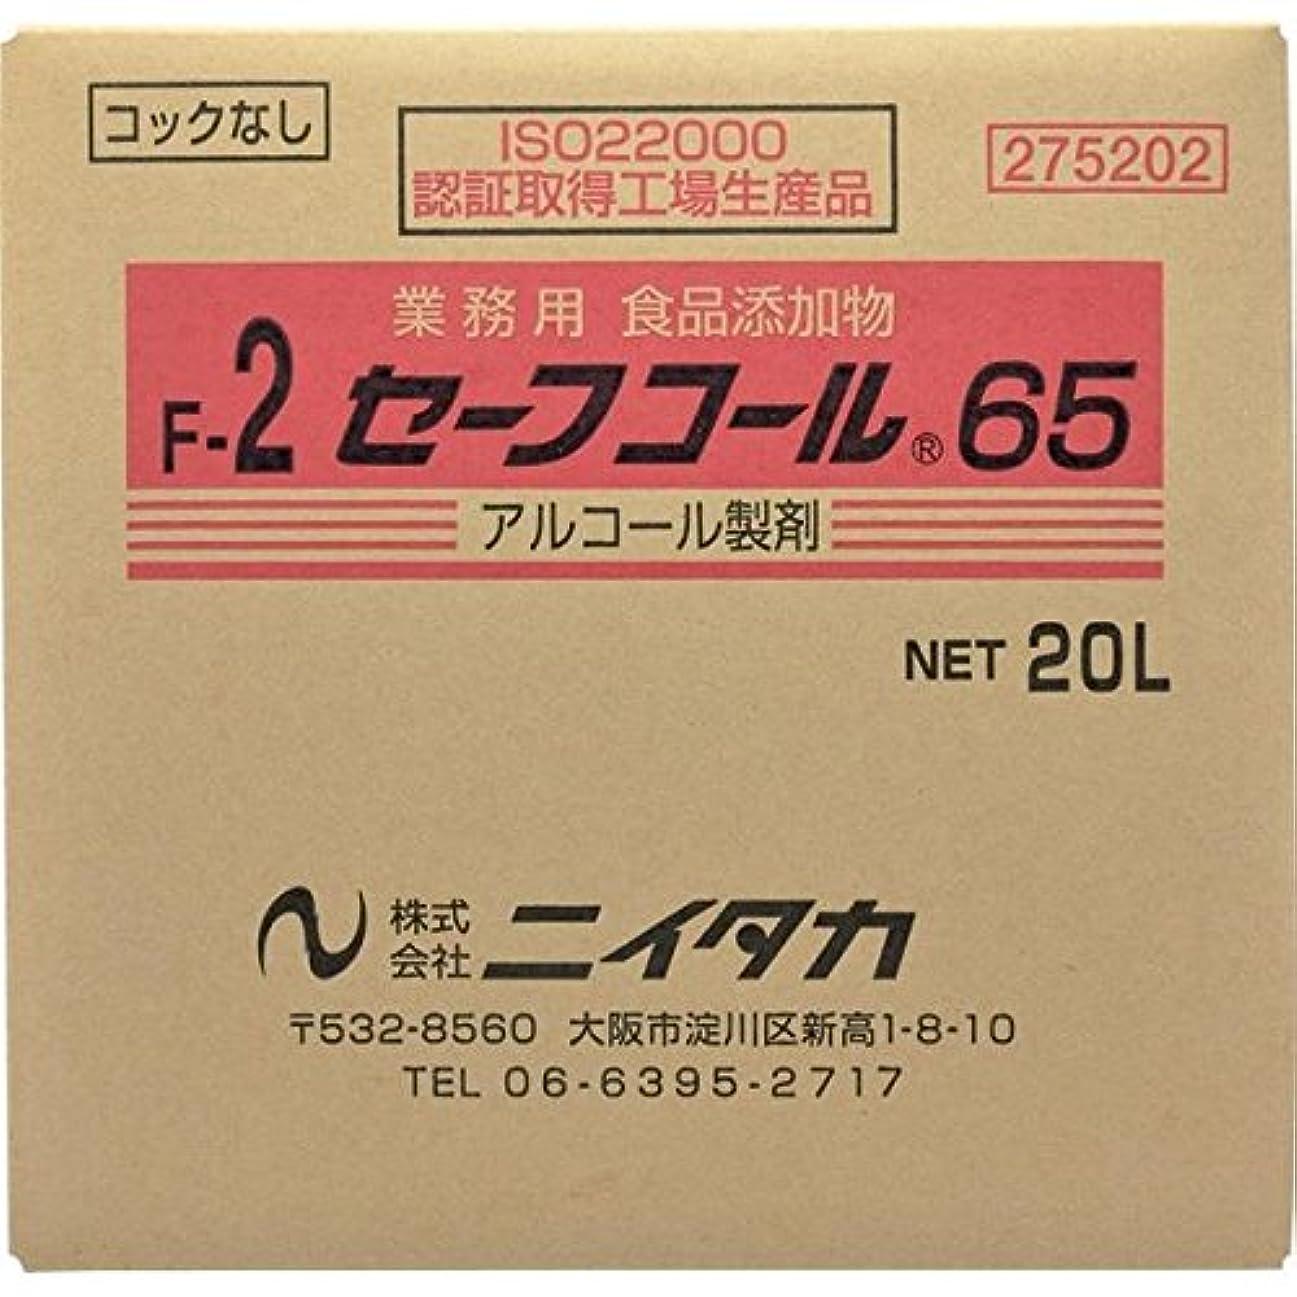 ディスク写真のスタジオニイタカ:セーフコール65(F-2) 20L(BIB) 275202